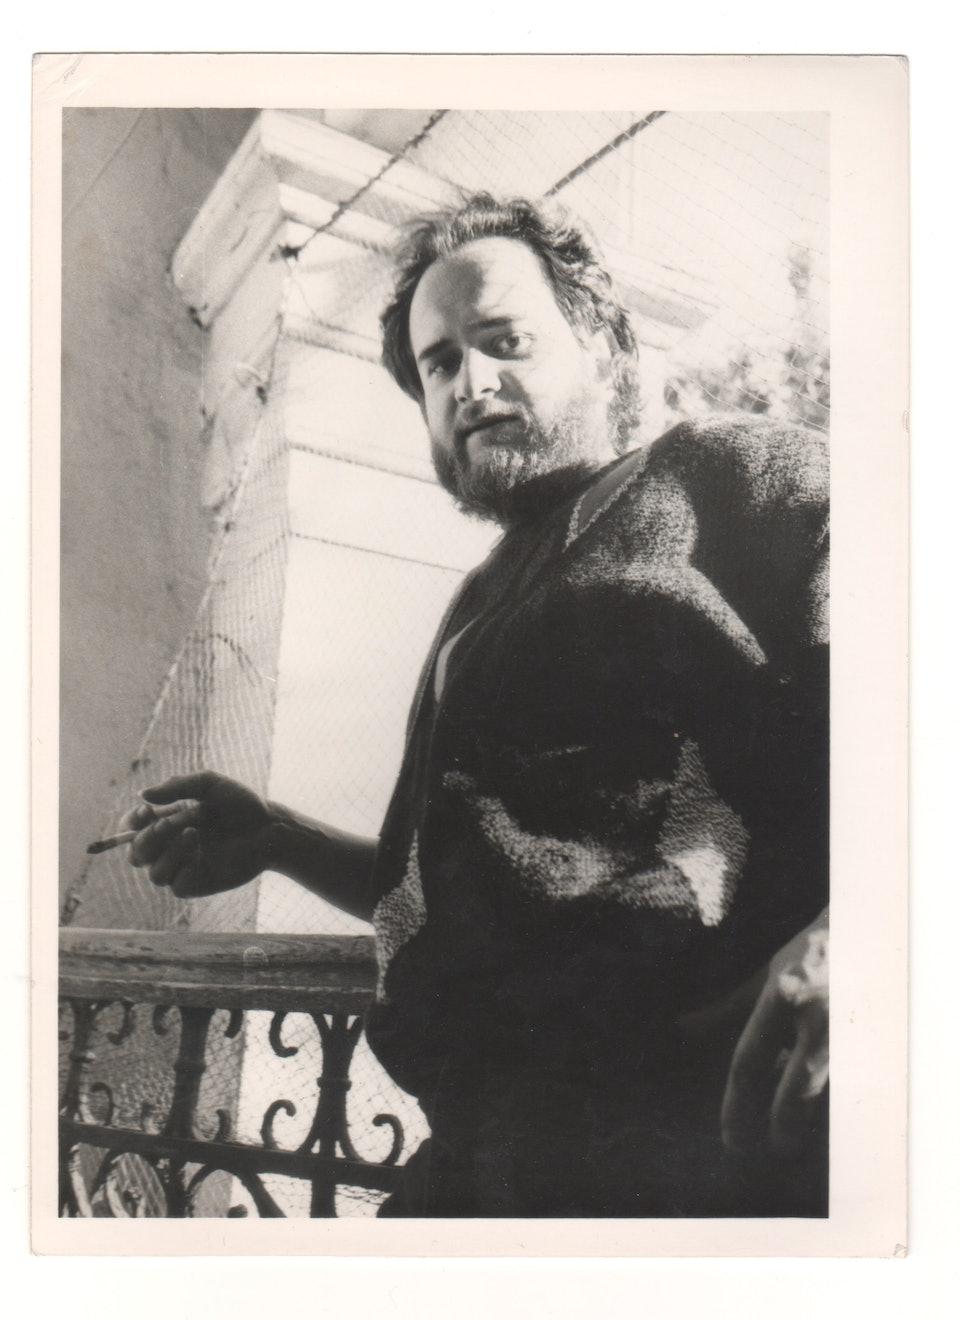 Олександр Ройтбурд, 1987. Фото Олександра Шевчука.